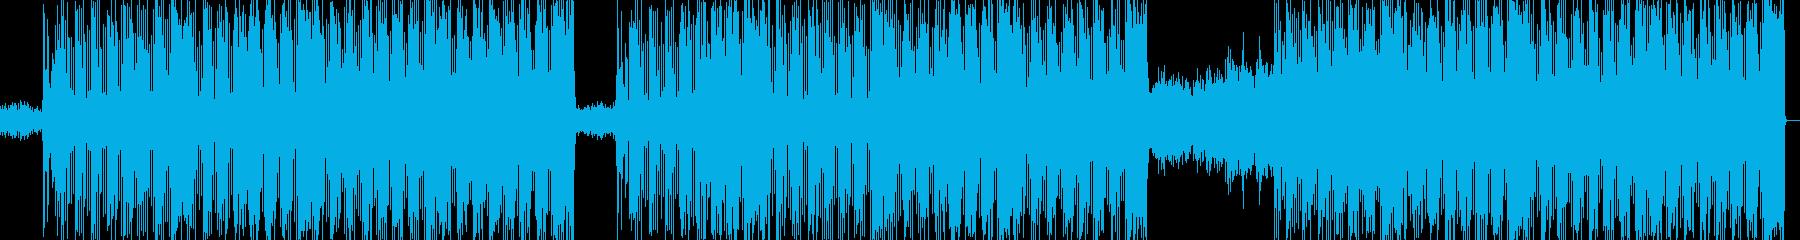 かっこいい積極的なR&Bビートの再生済みの波形